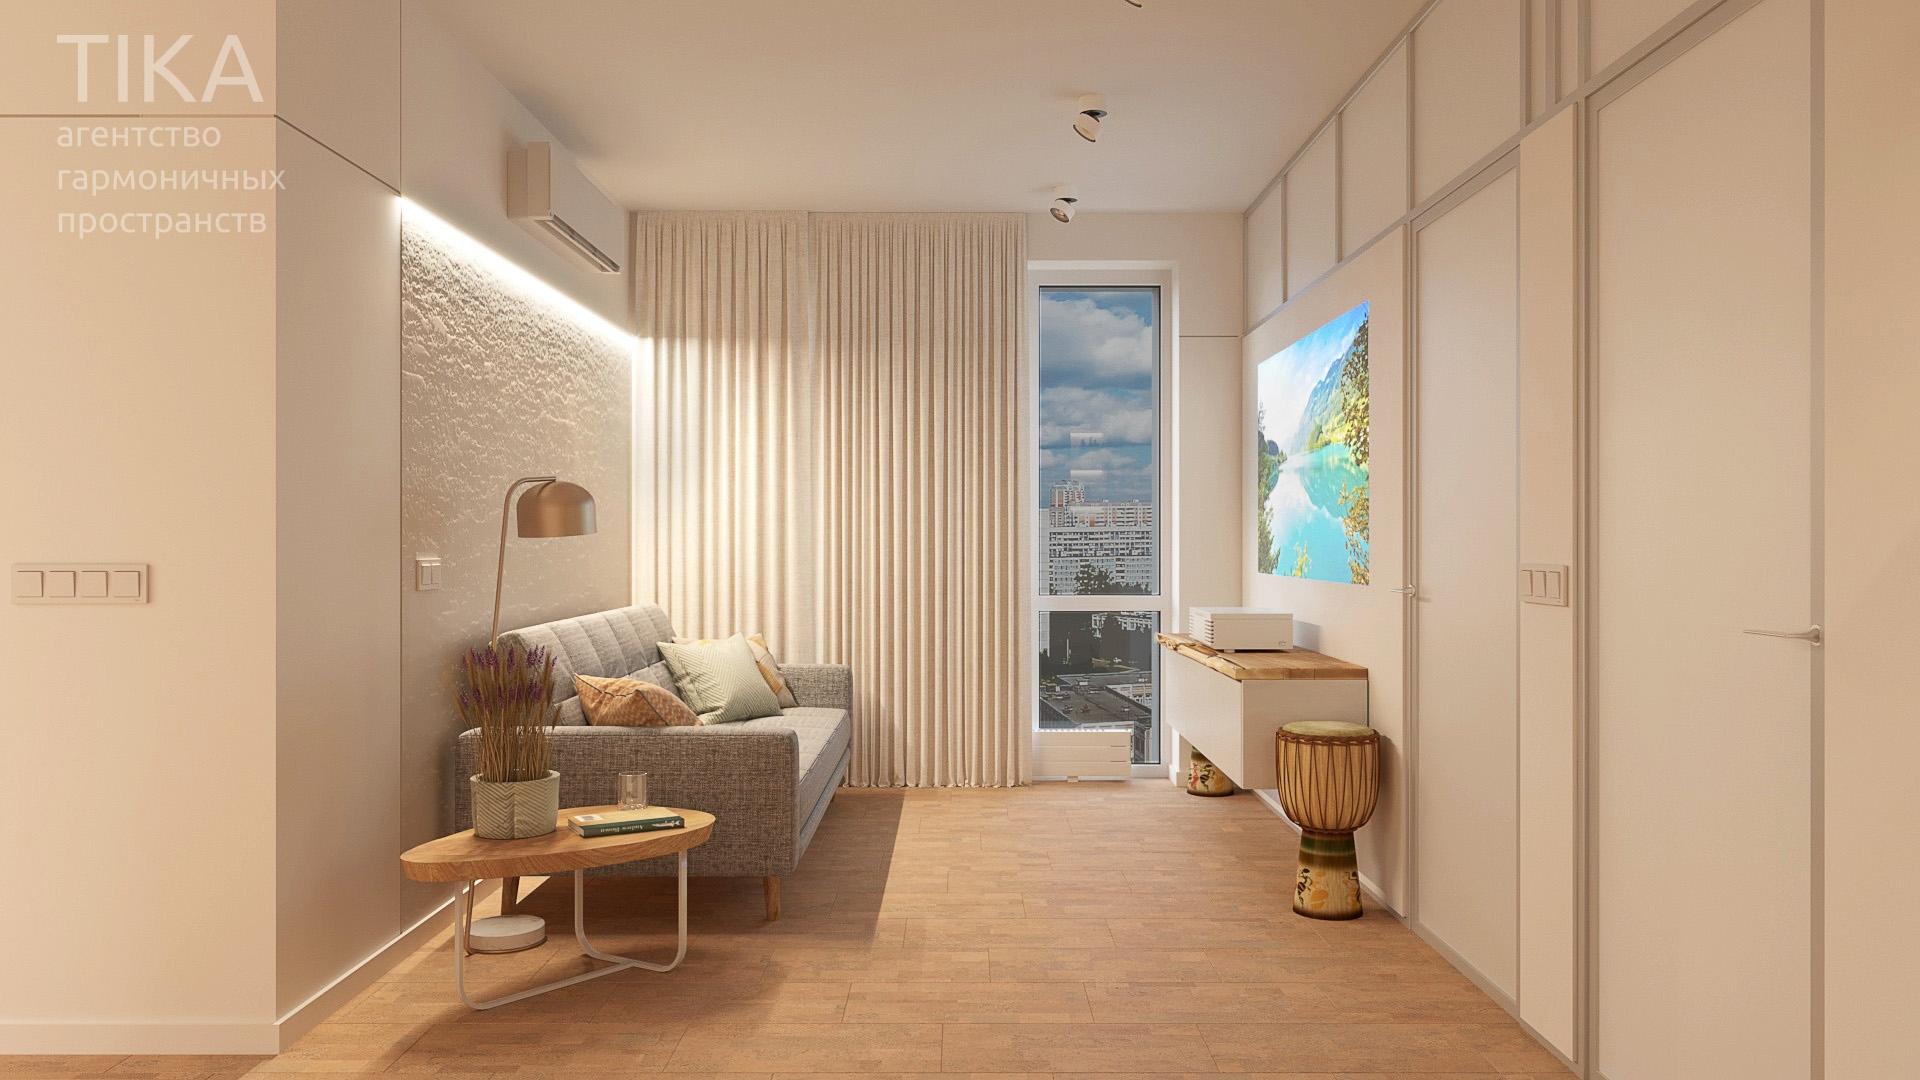 Изображение для проекта Дизайн интерьера квартиры в Москве 2134